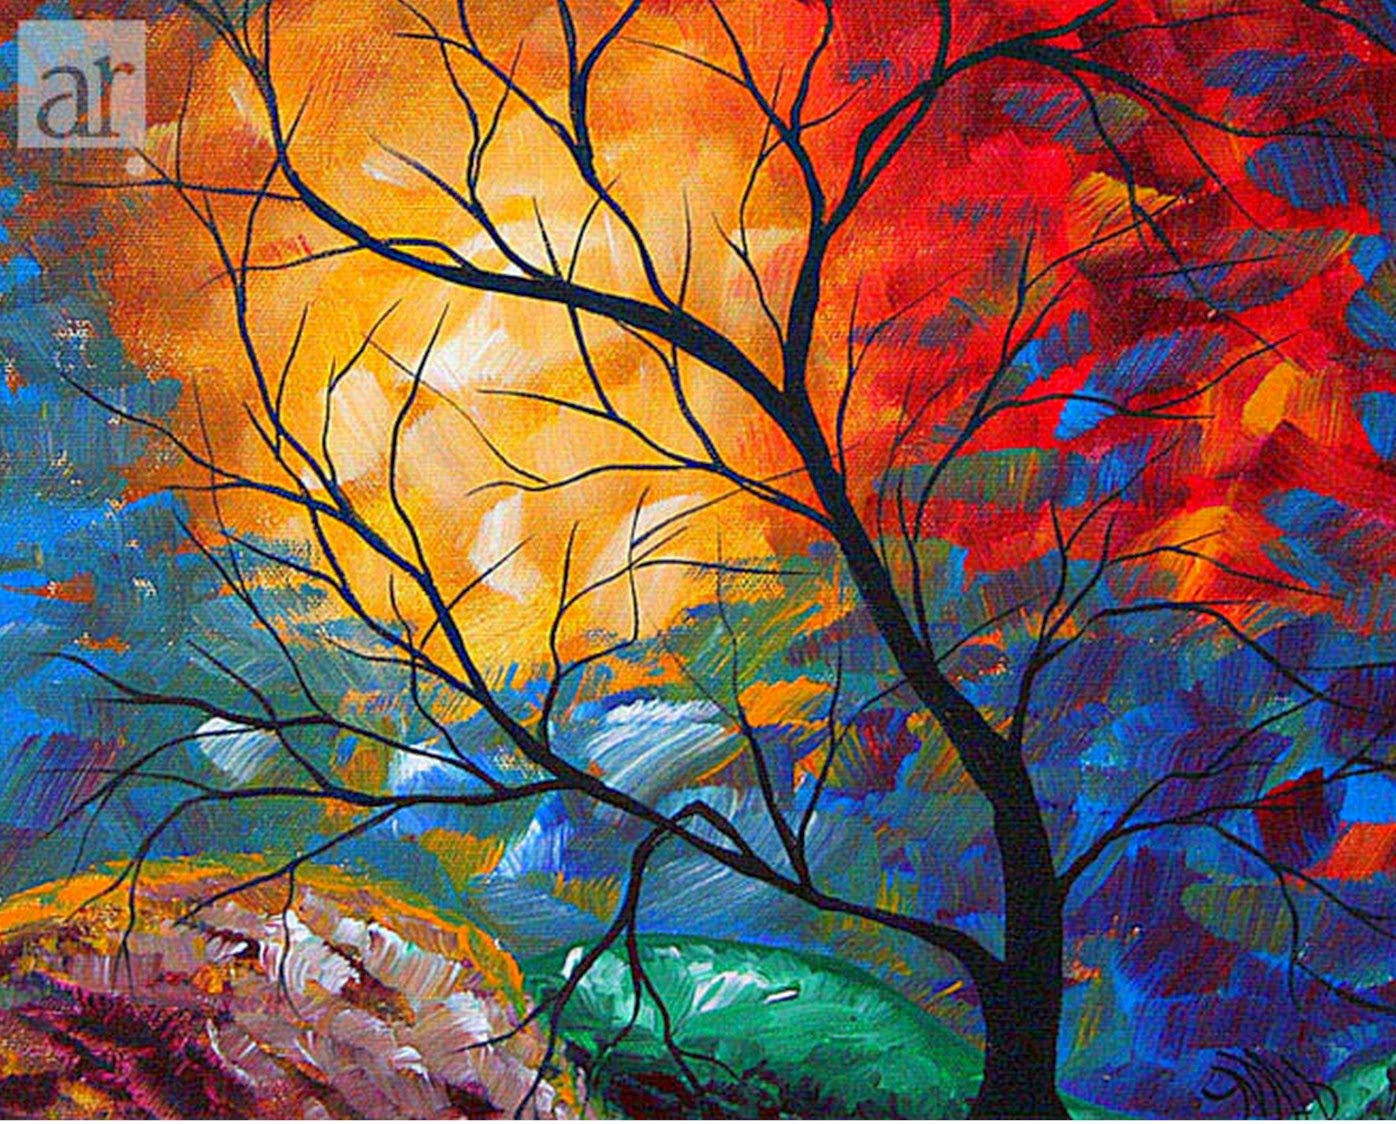 pintura para pintar salas de piel: compra pintura al óleo de ... - Pintura Para Salas De Piel